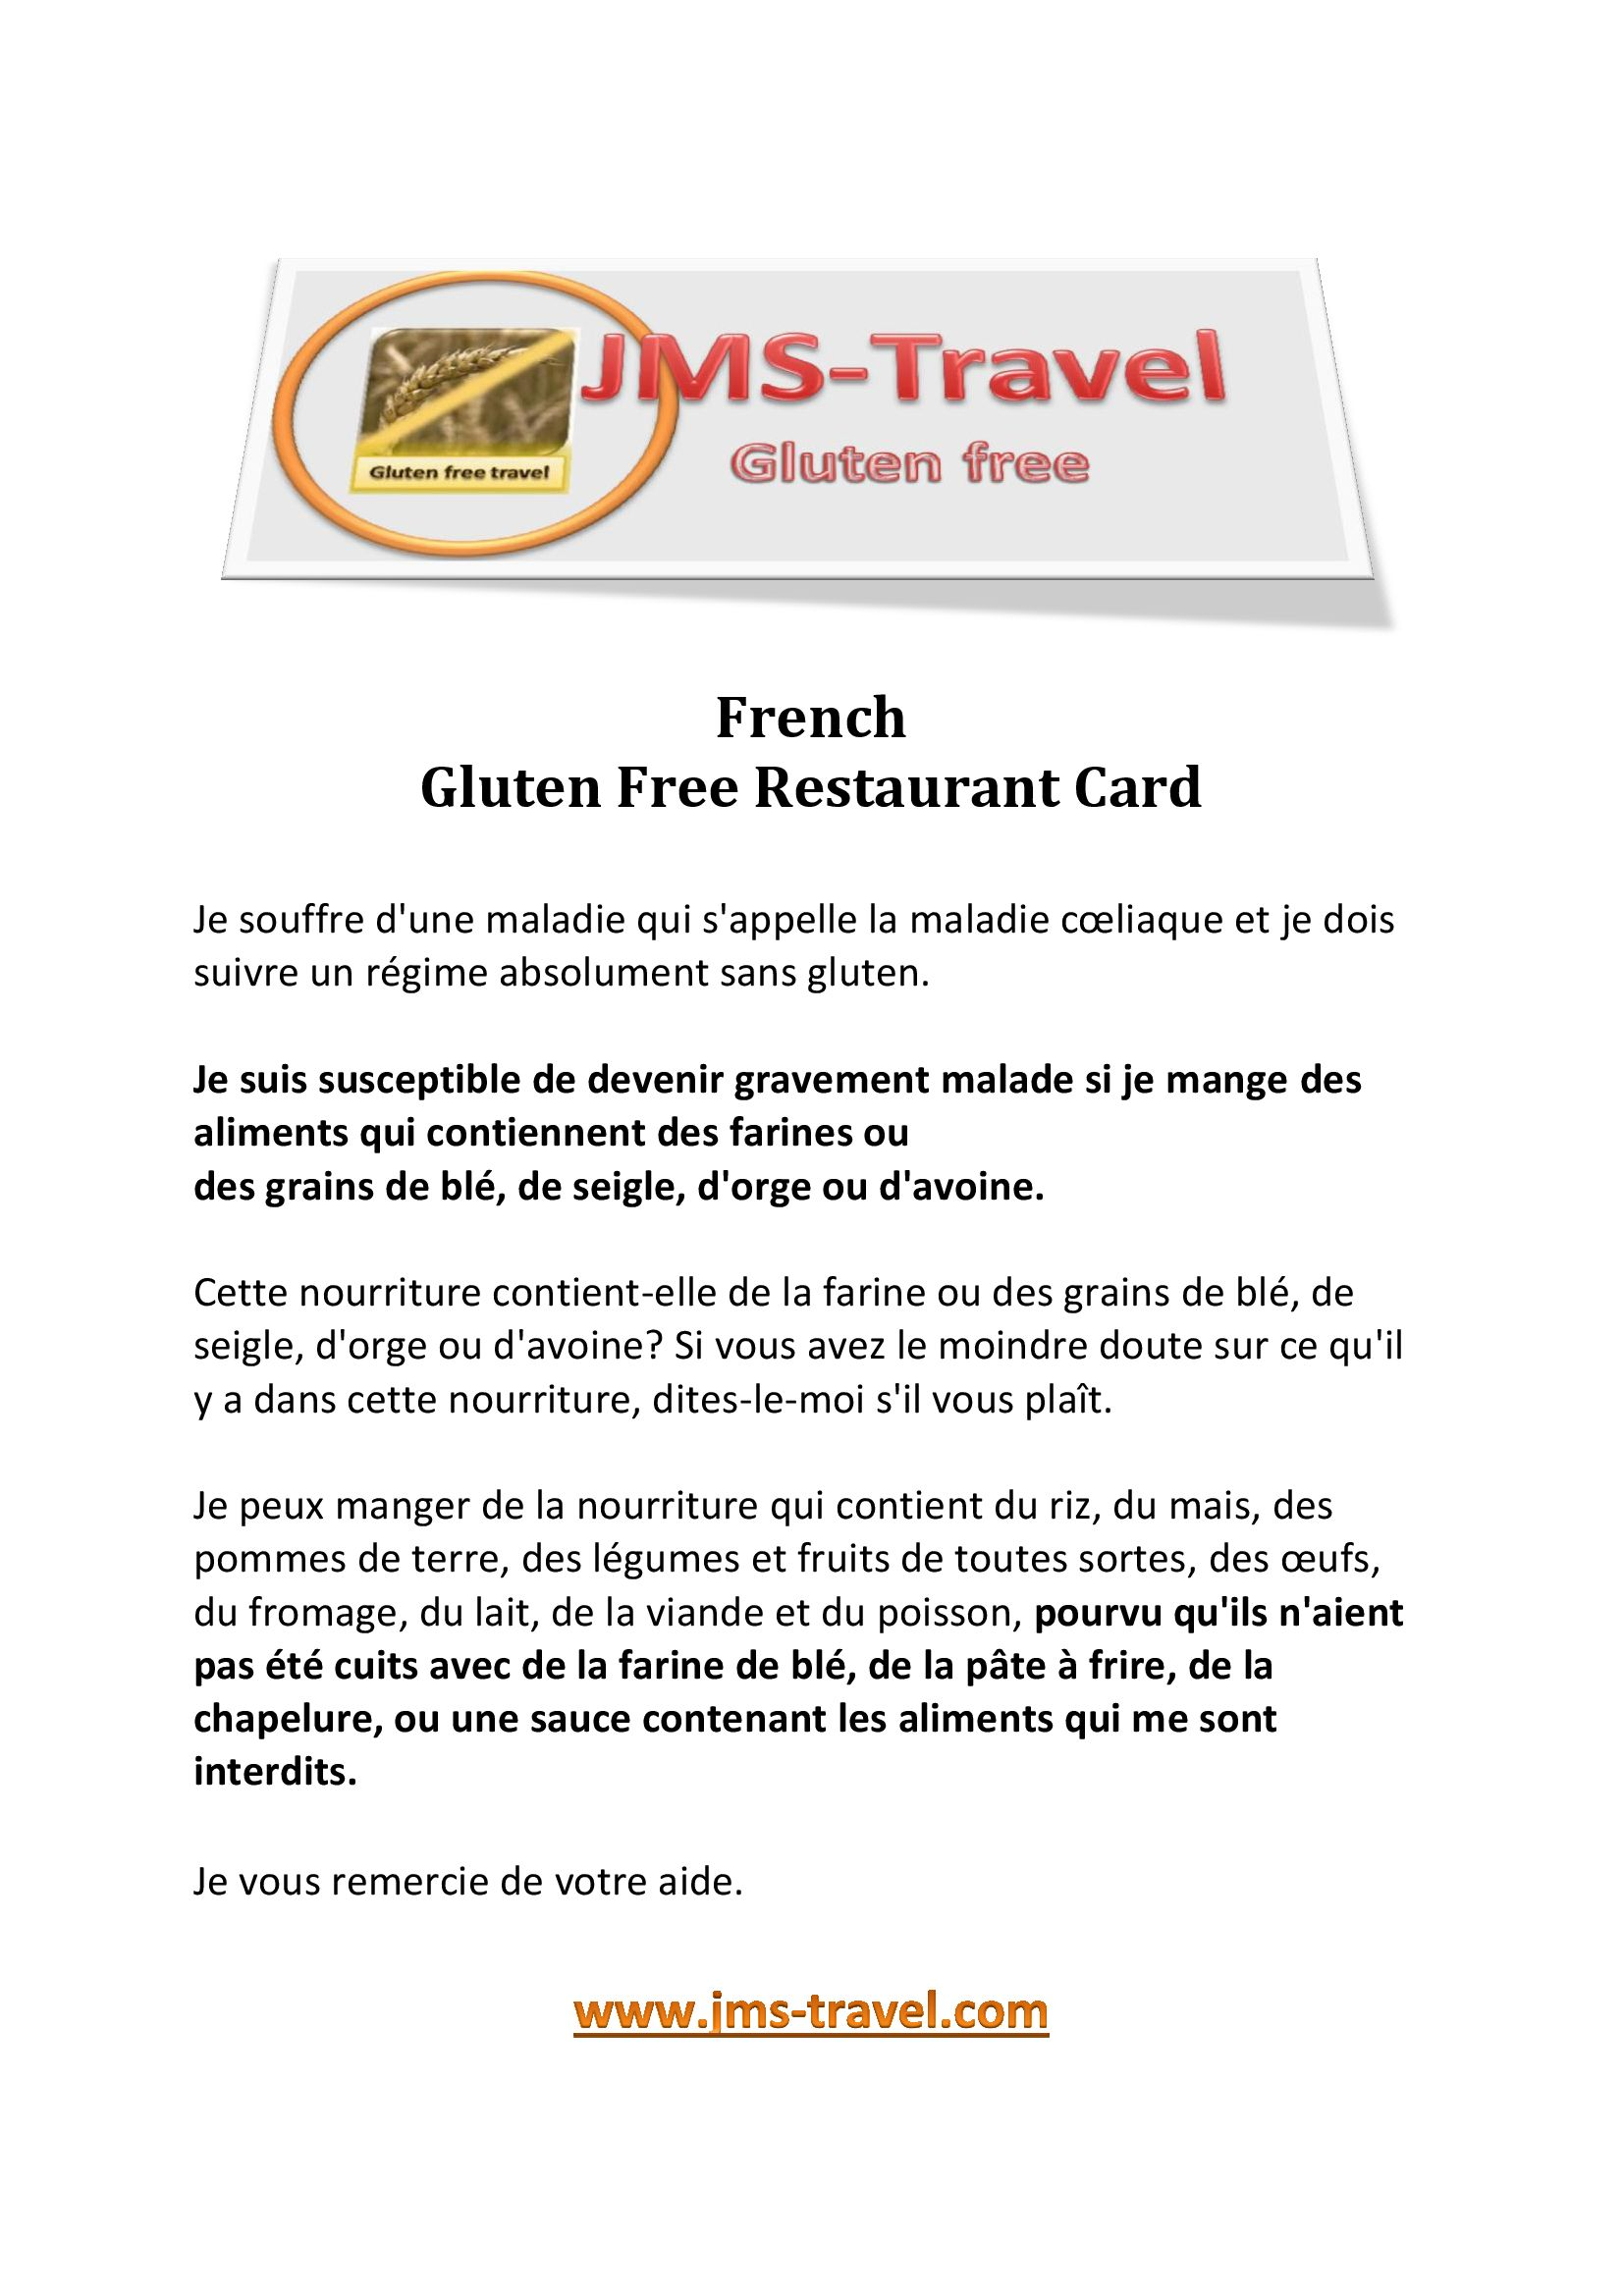 French translation gluten free diet | .jms travel.| Pinterest